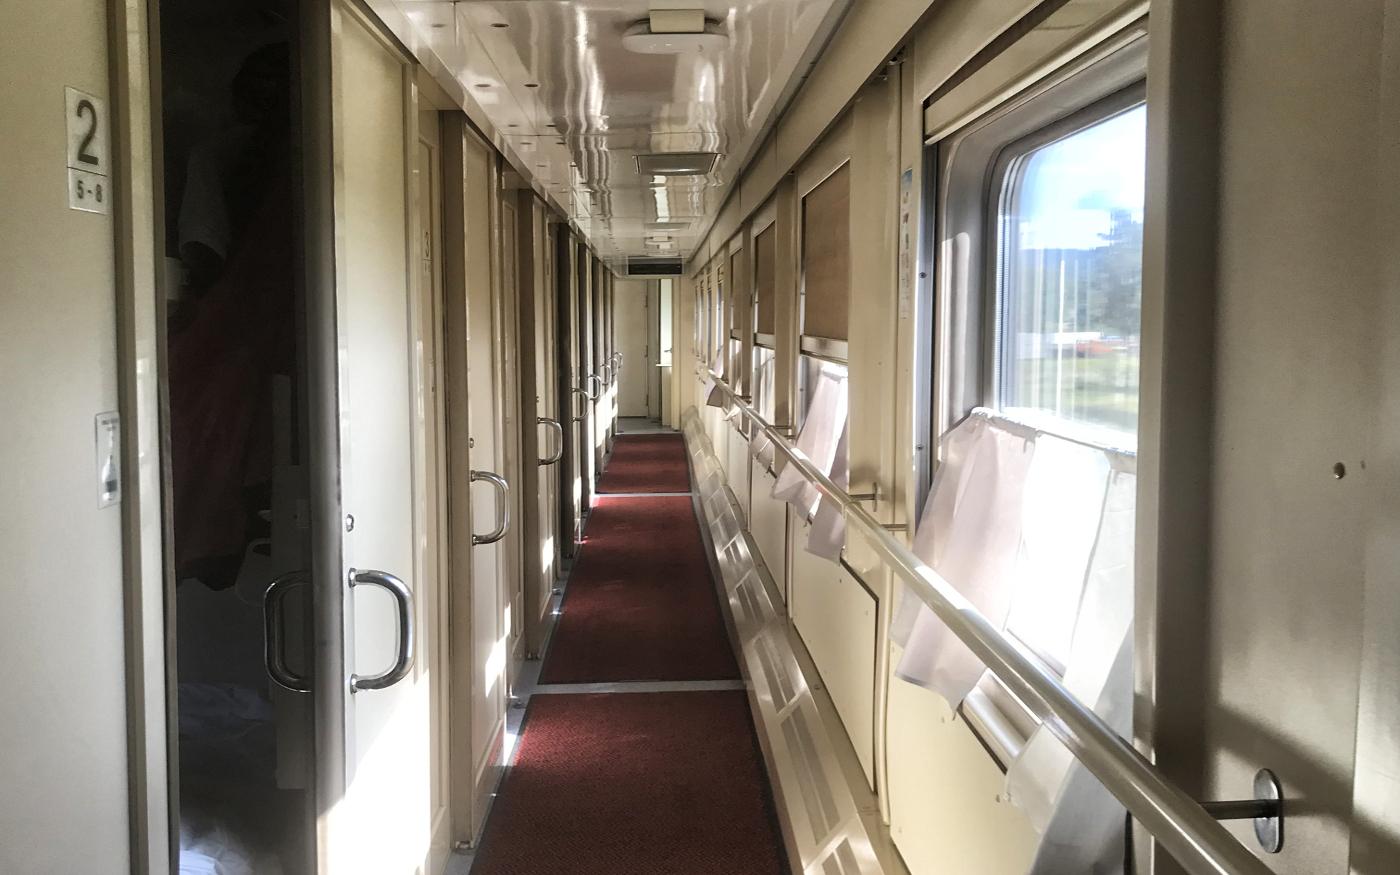 Korytarz w pociągu transsyberyjskim